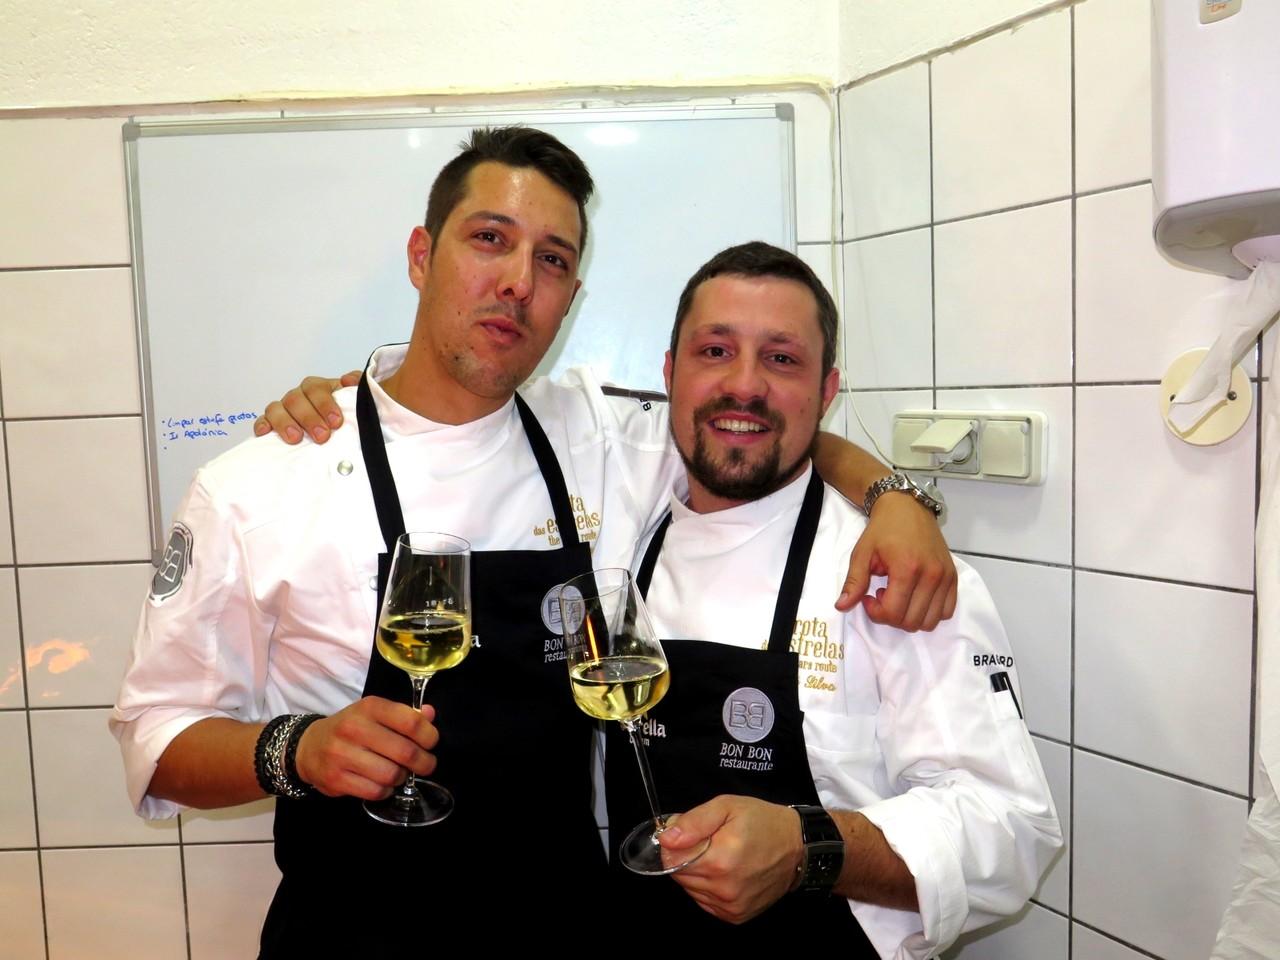 Dois chefes estrelados: Rui Silvestre e André Silva